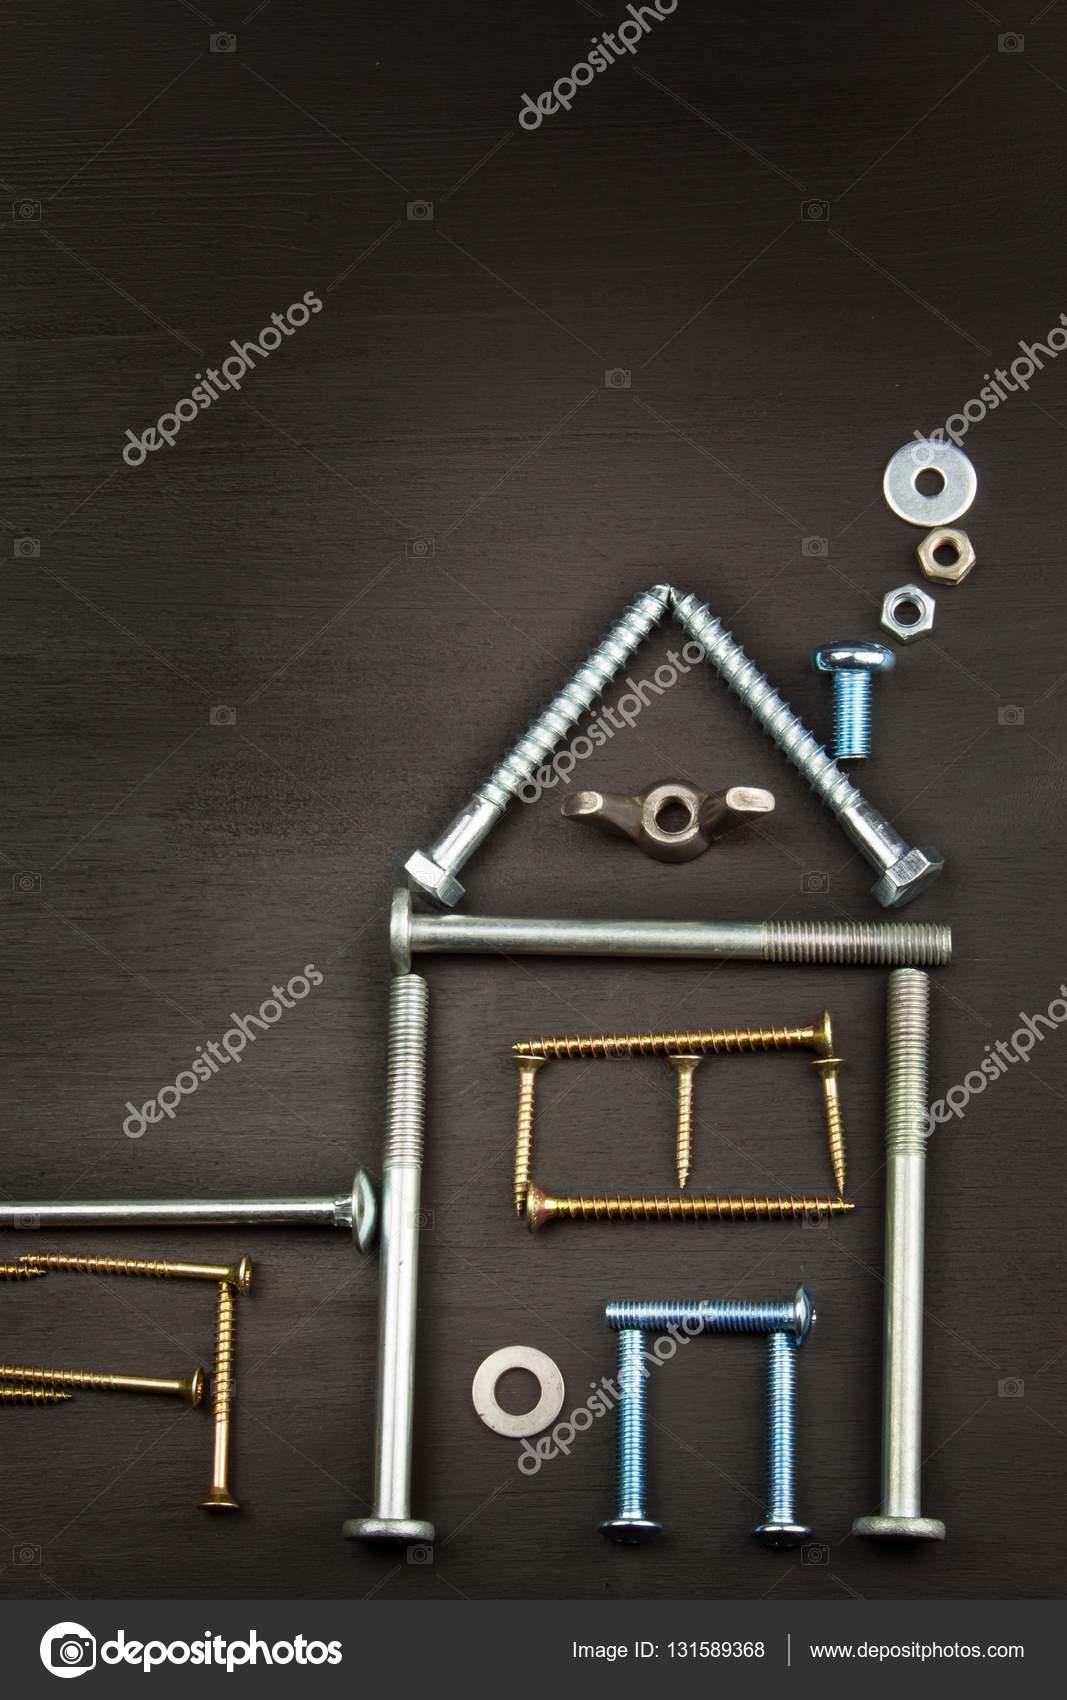 Wir bauen ein Haus für die Familie. Pläne, ein kleines Haus zu bauen ...